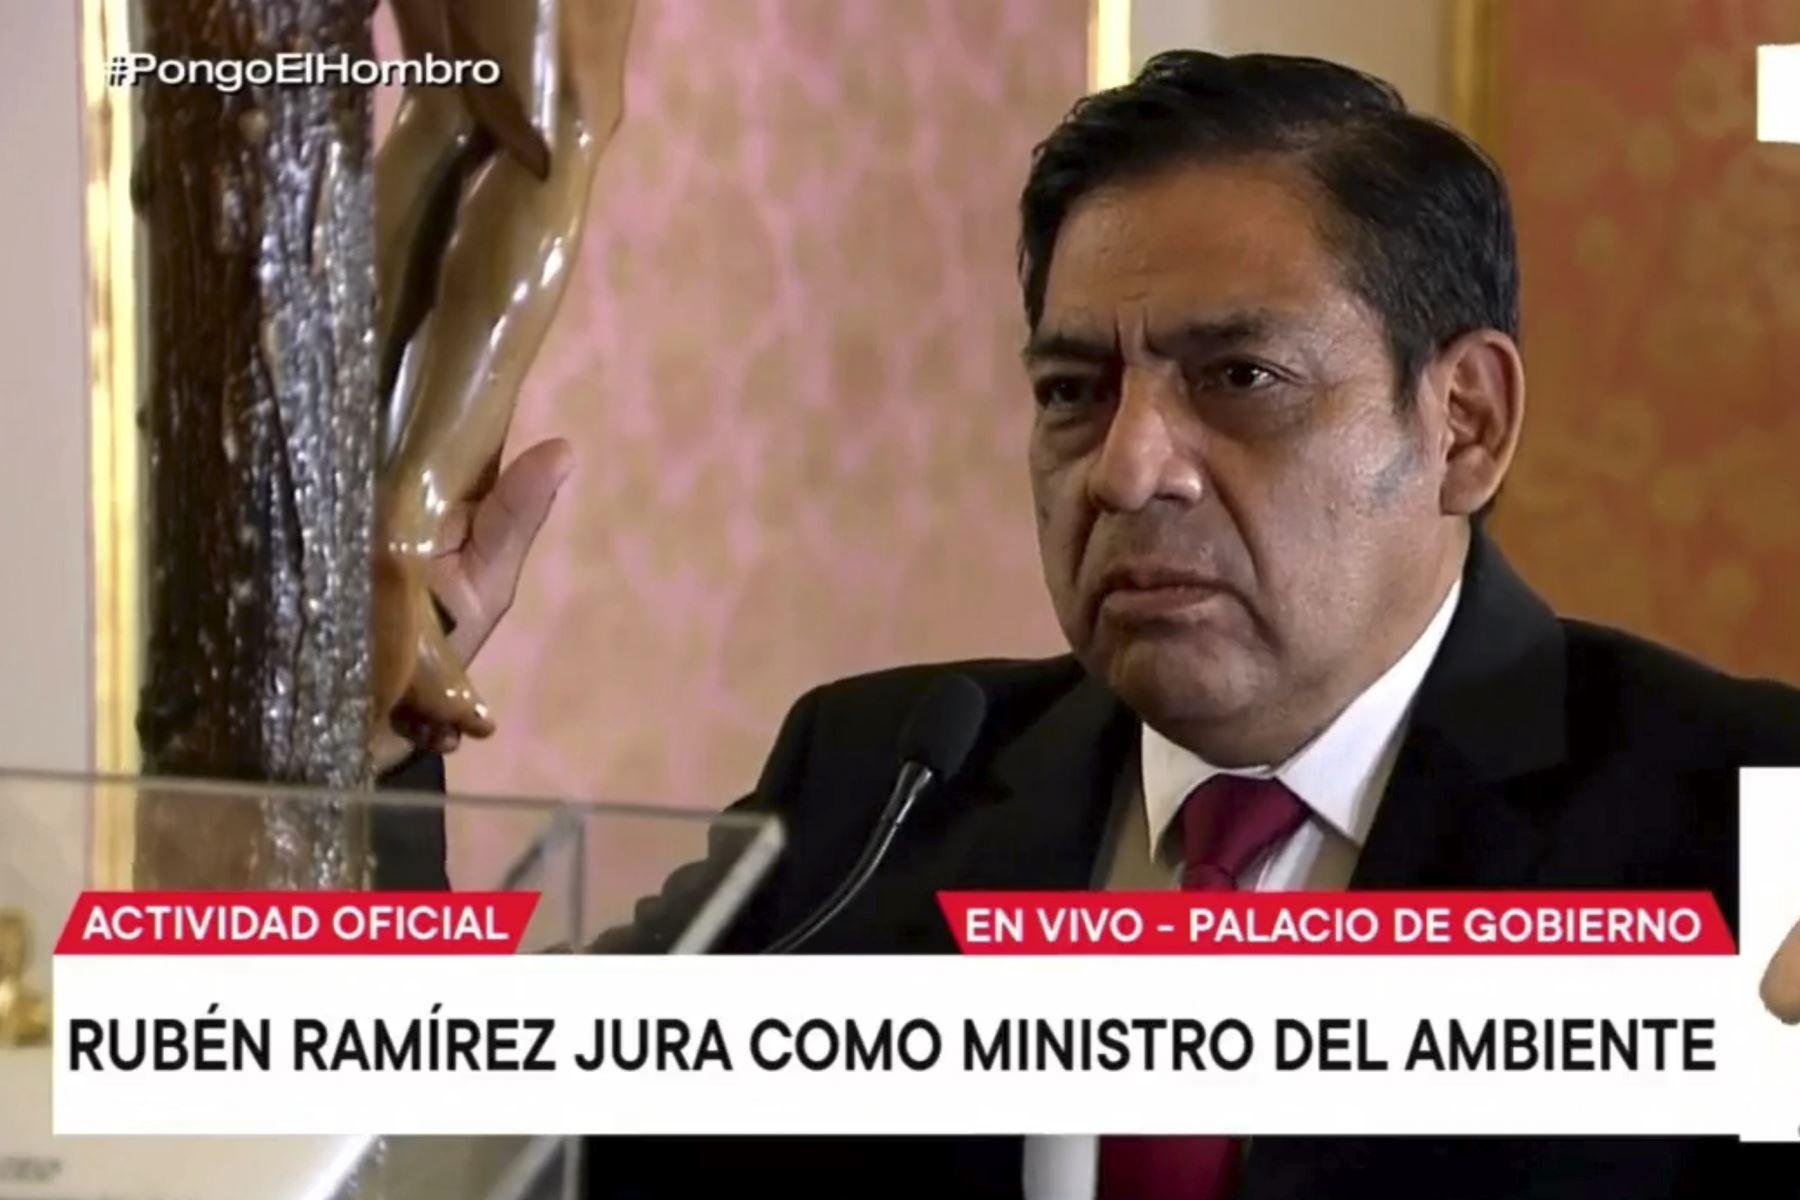 Rubén Ramírez Mateo fue ratificado como ministro del Ambiente